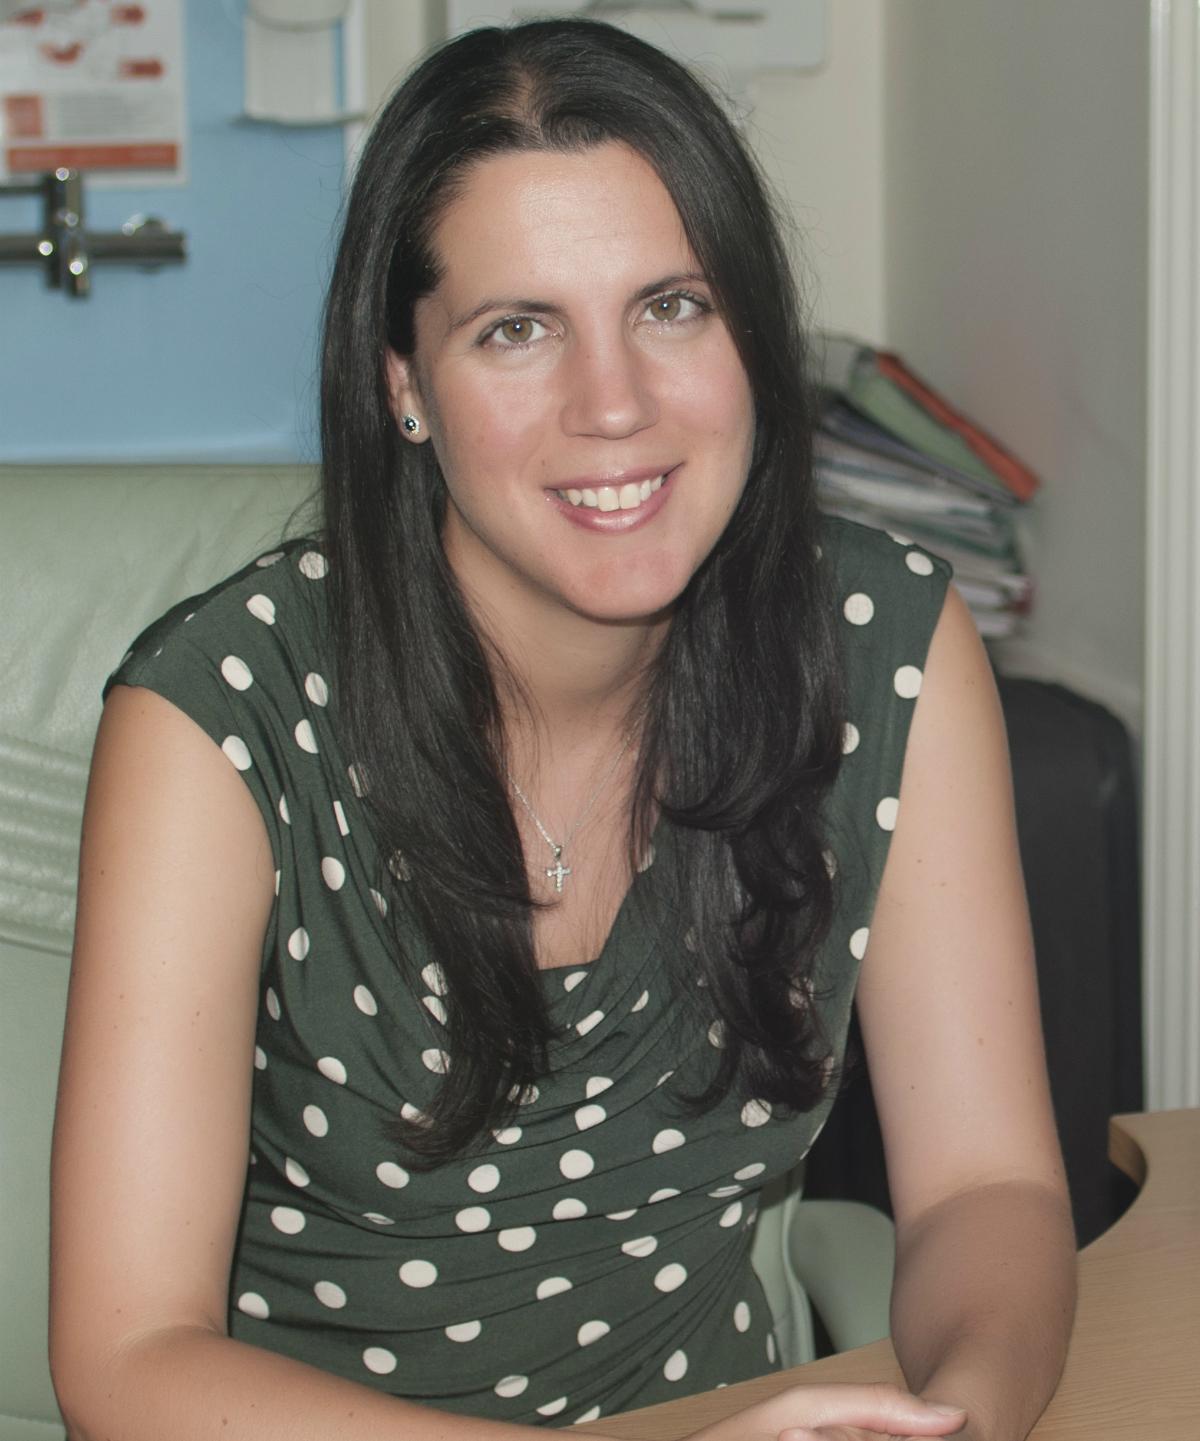 Miss Angela Birnie